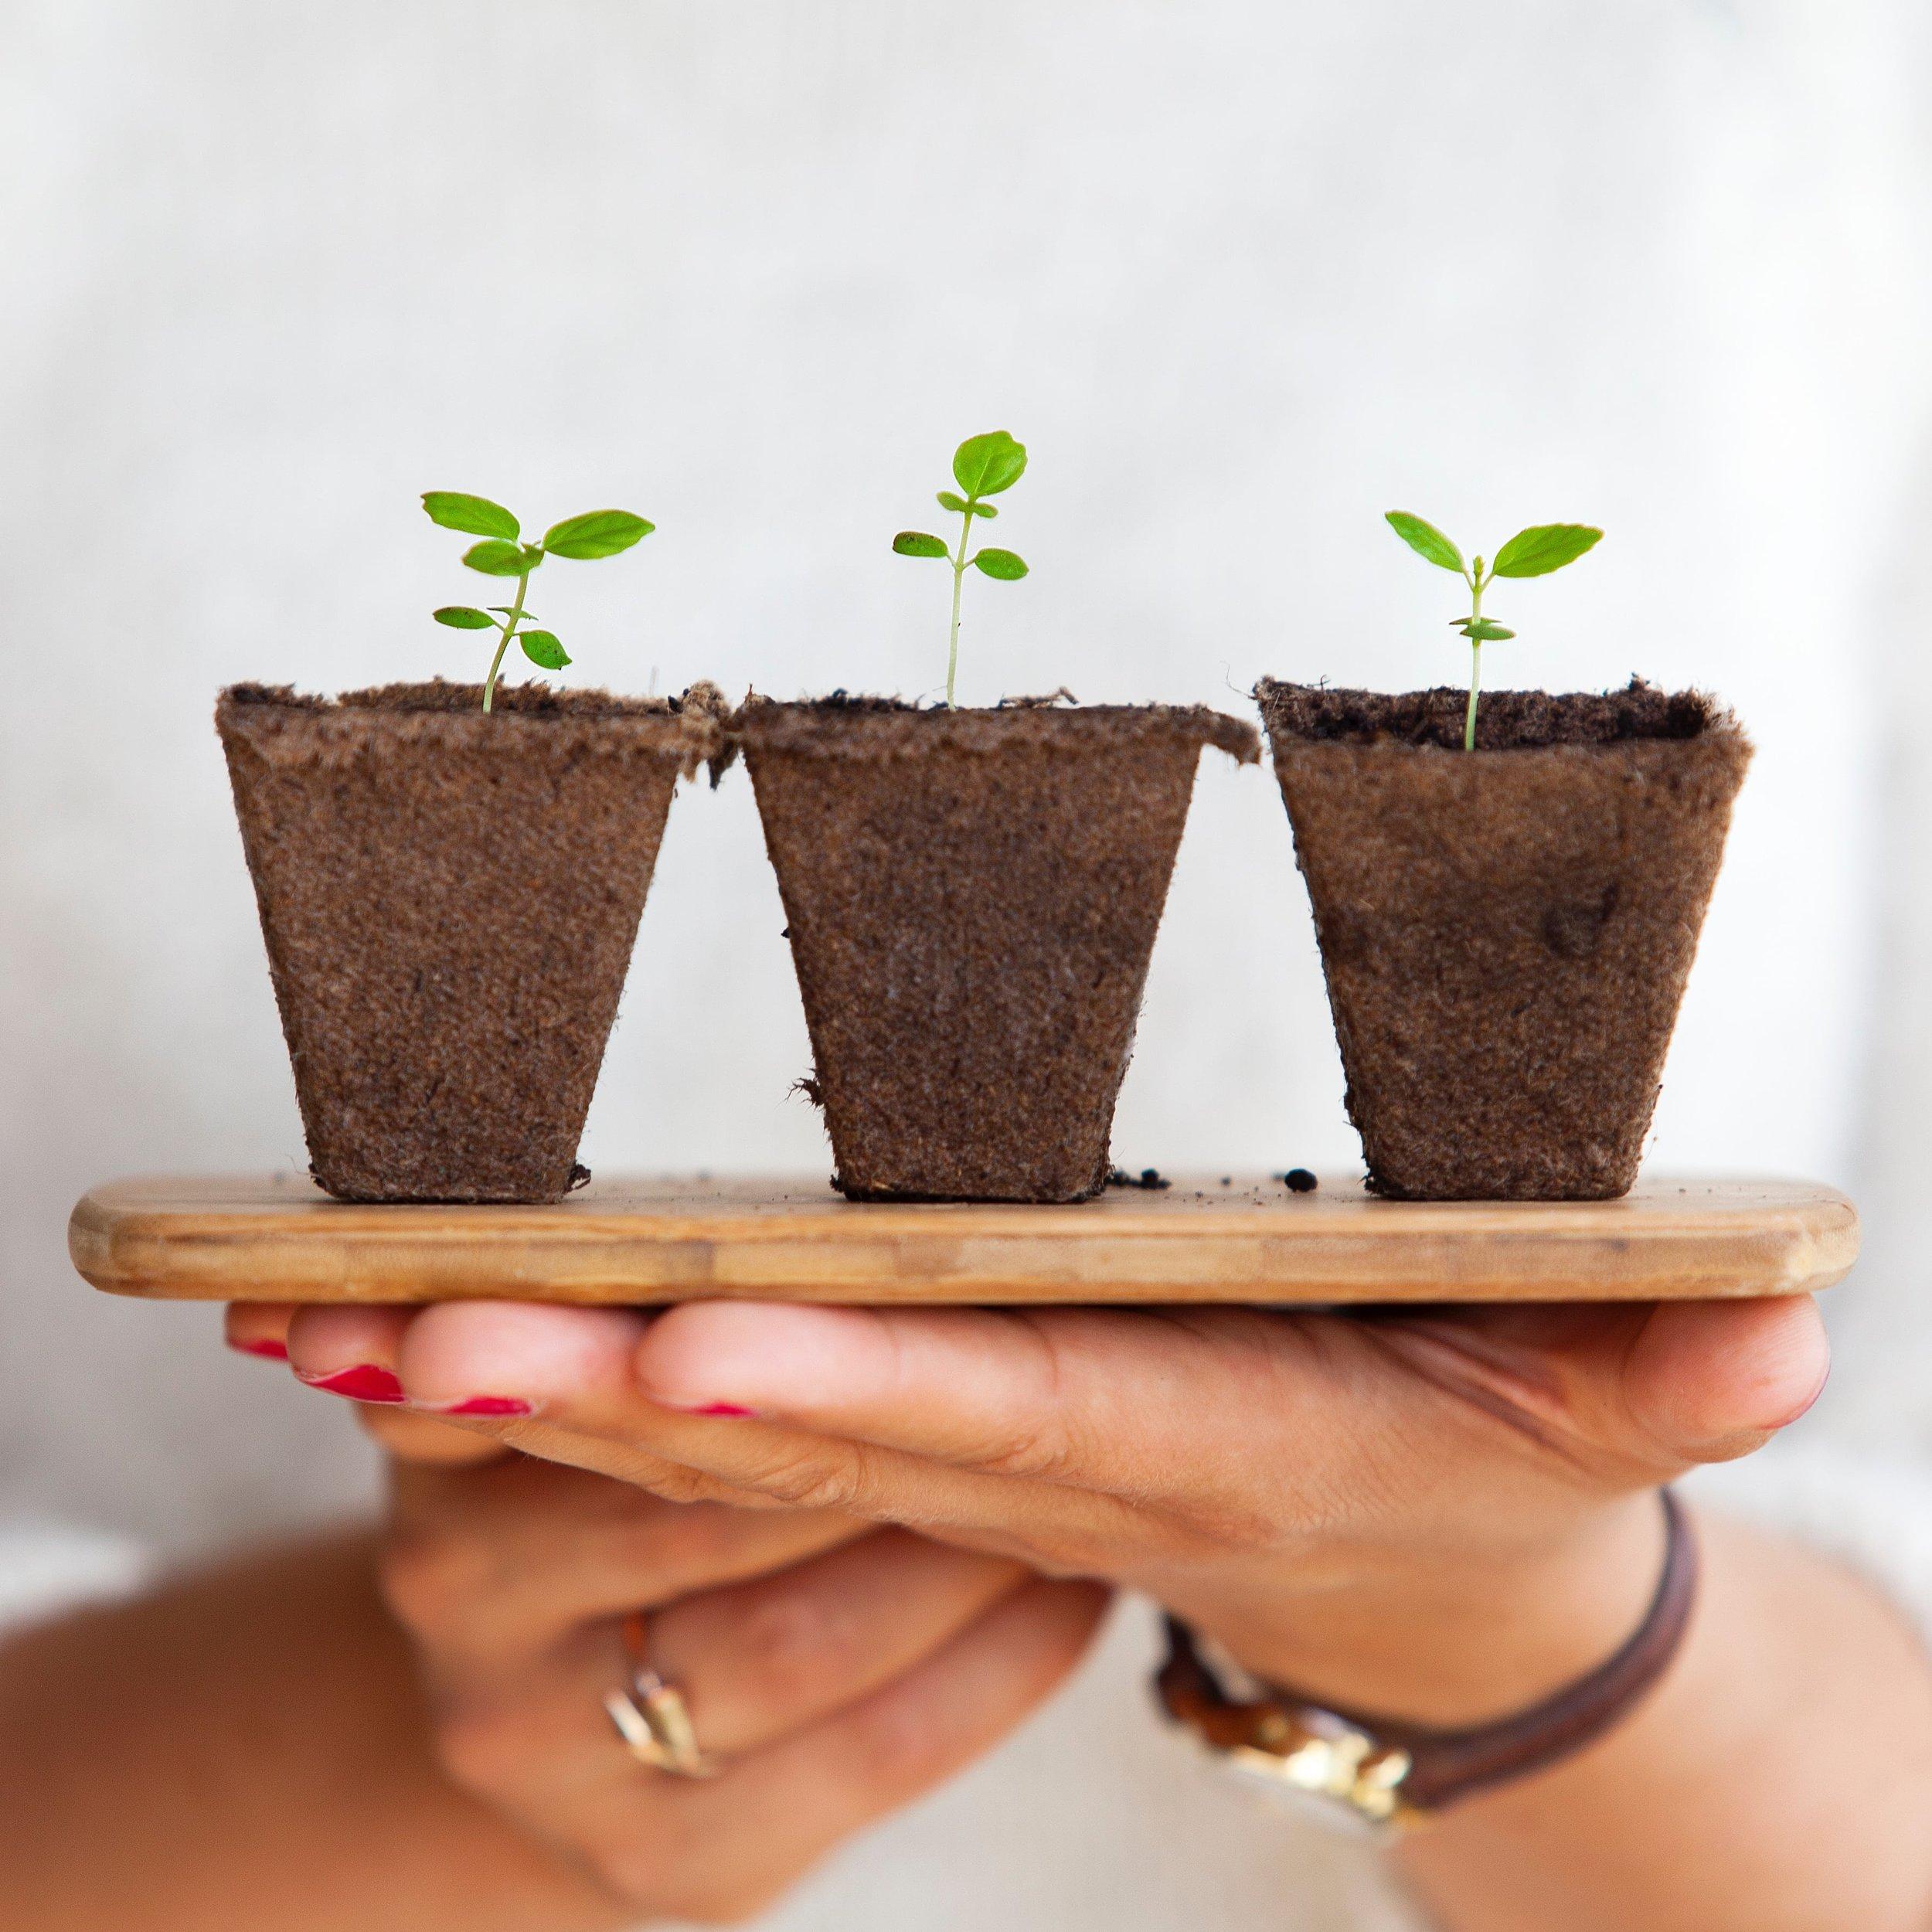 growth mindset trust utveckling.jpg